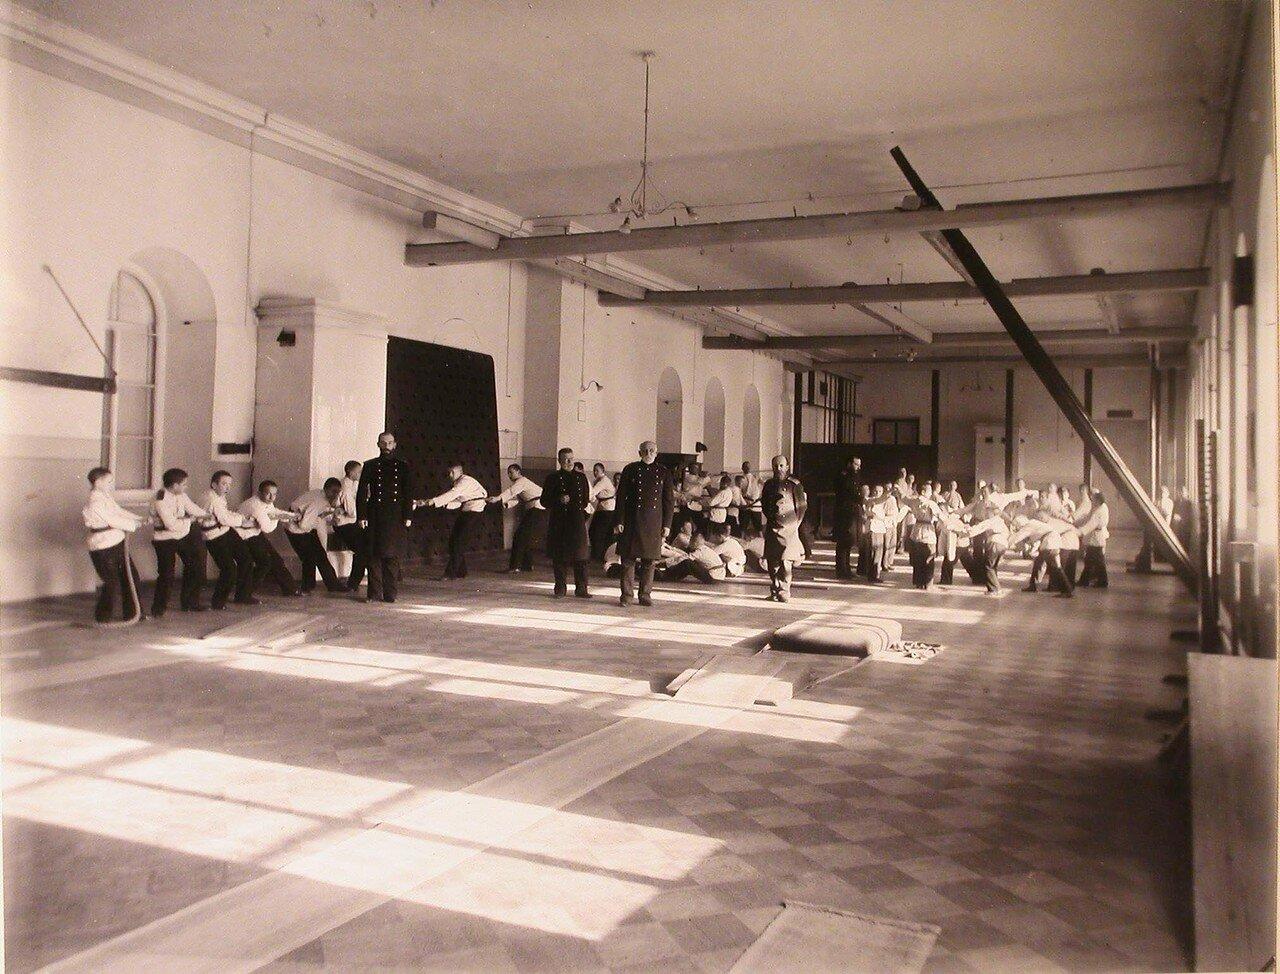 09. Воспитанники кадетского корпуса с преподавателями в гимнастическом зале во время занятий